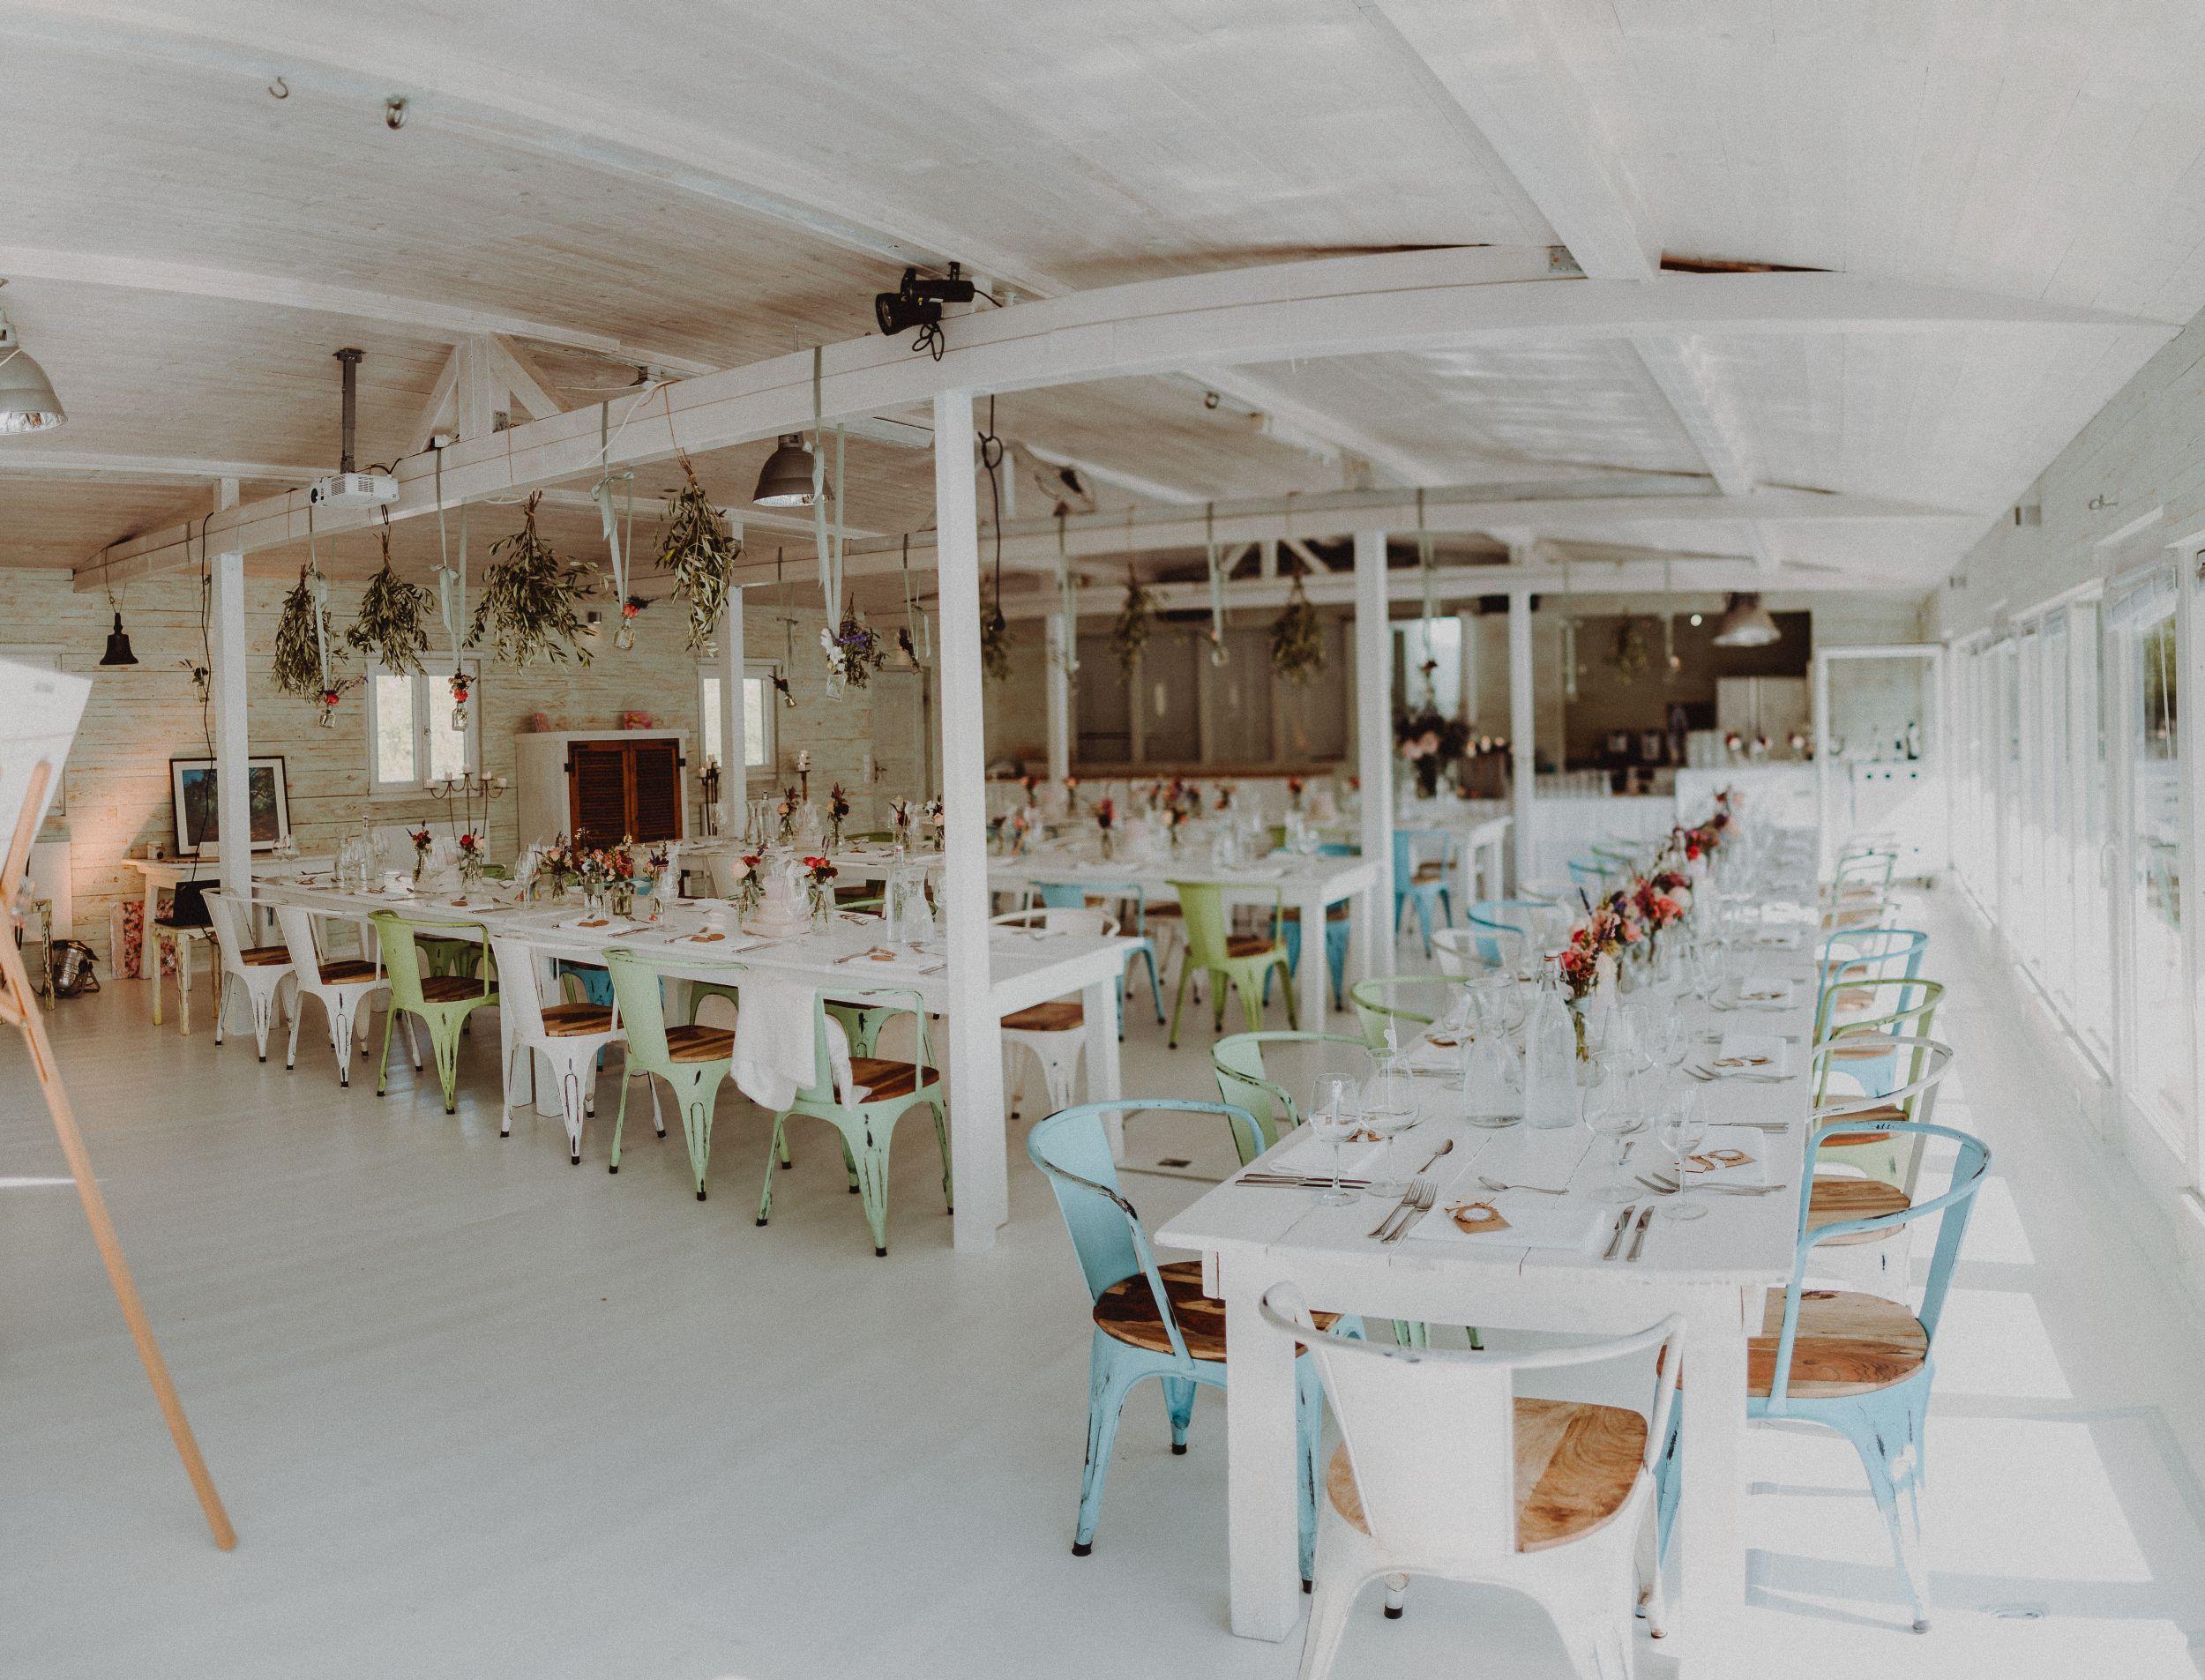 Ihr Sucht Eine Besondere Location Zum Feiern Wir Waren Vor Kurzem Auf Einem Hausboot In Dusseldorf Hochzeitsfotograf Hochzeit Fotografieren Hochzeit Location